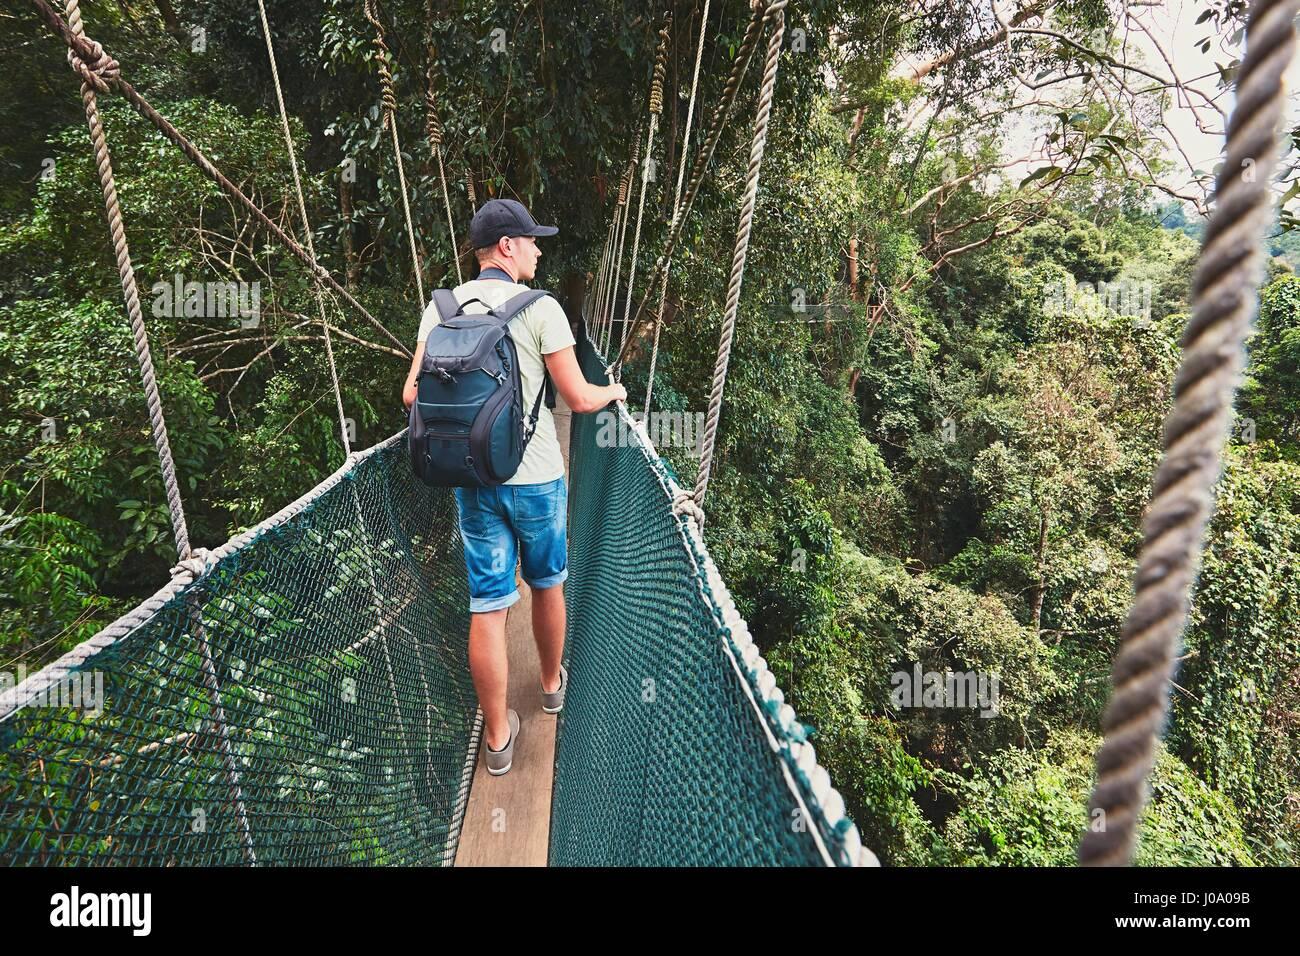 Touristen auf den erhöhten Laufsteg durch die Baumkronen im Regenwald - Borneo, Malaysia Stockbild